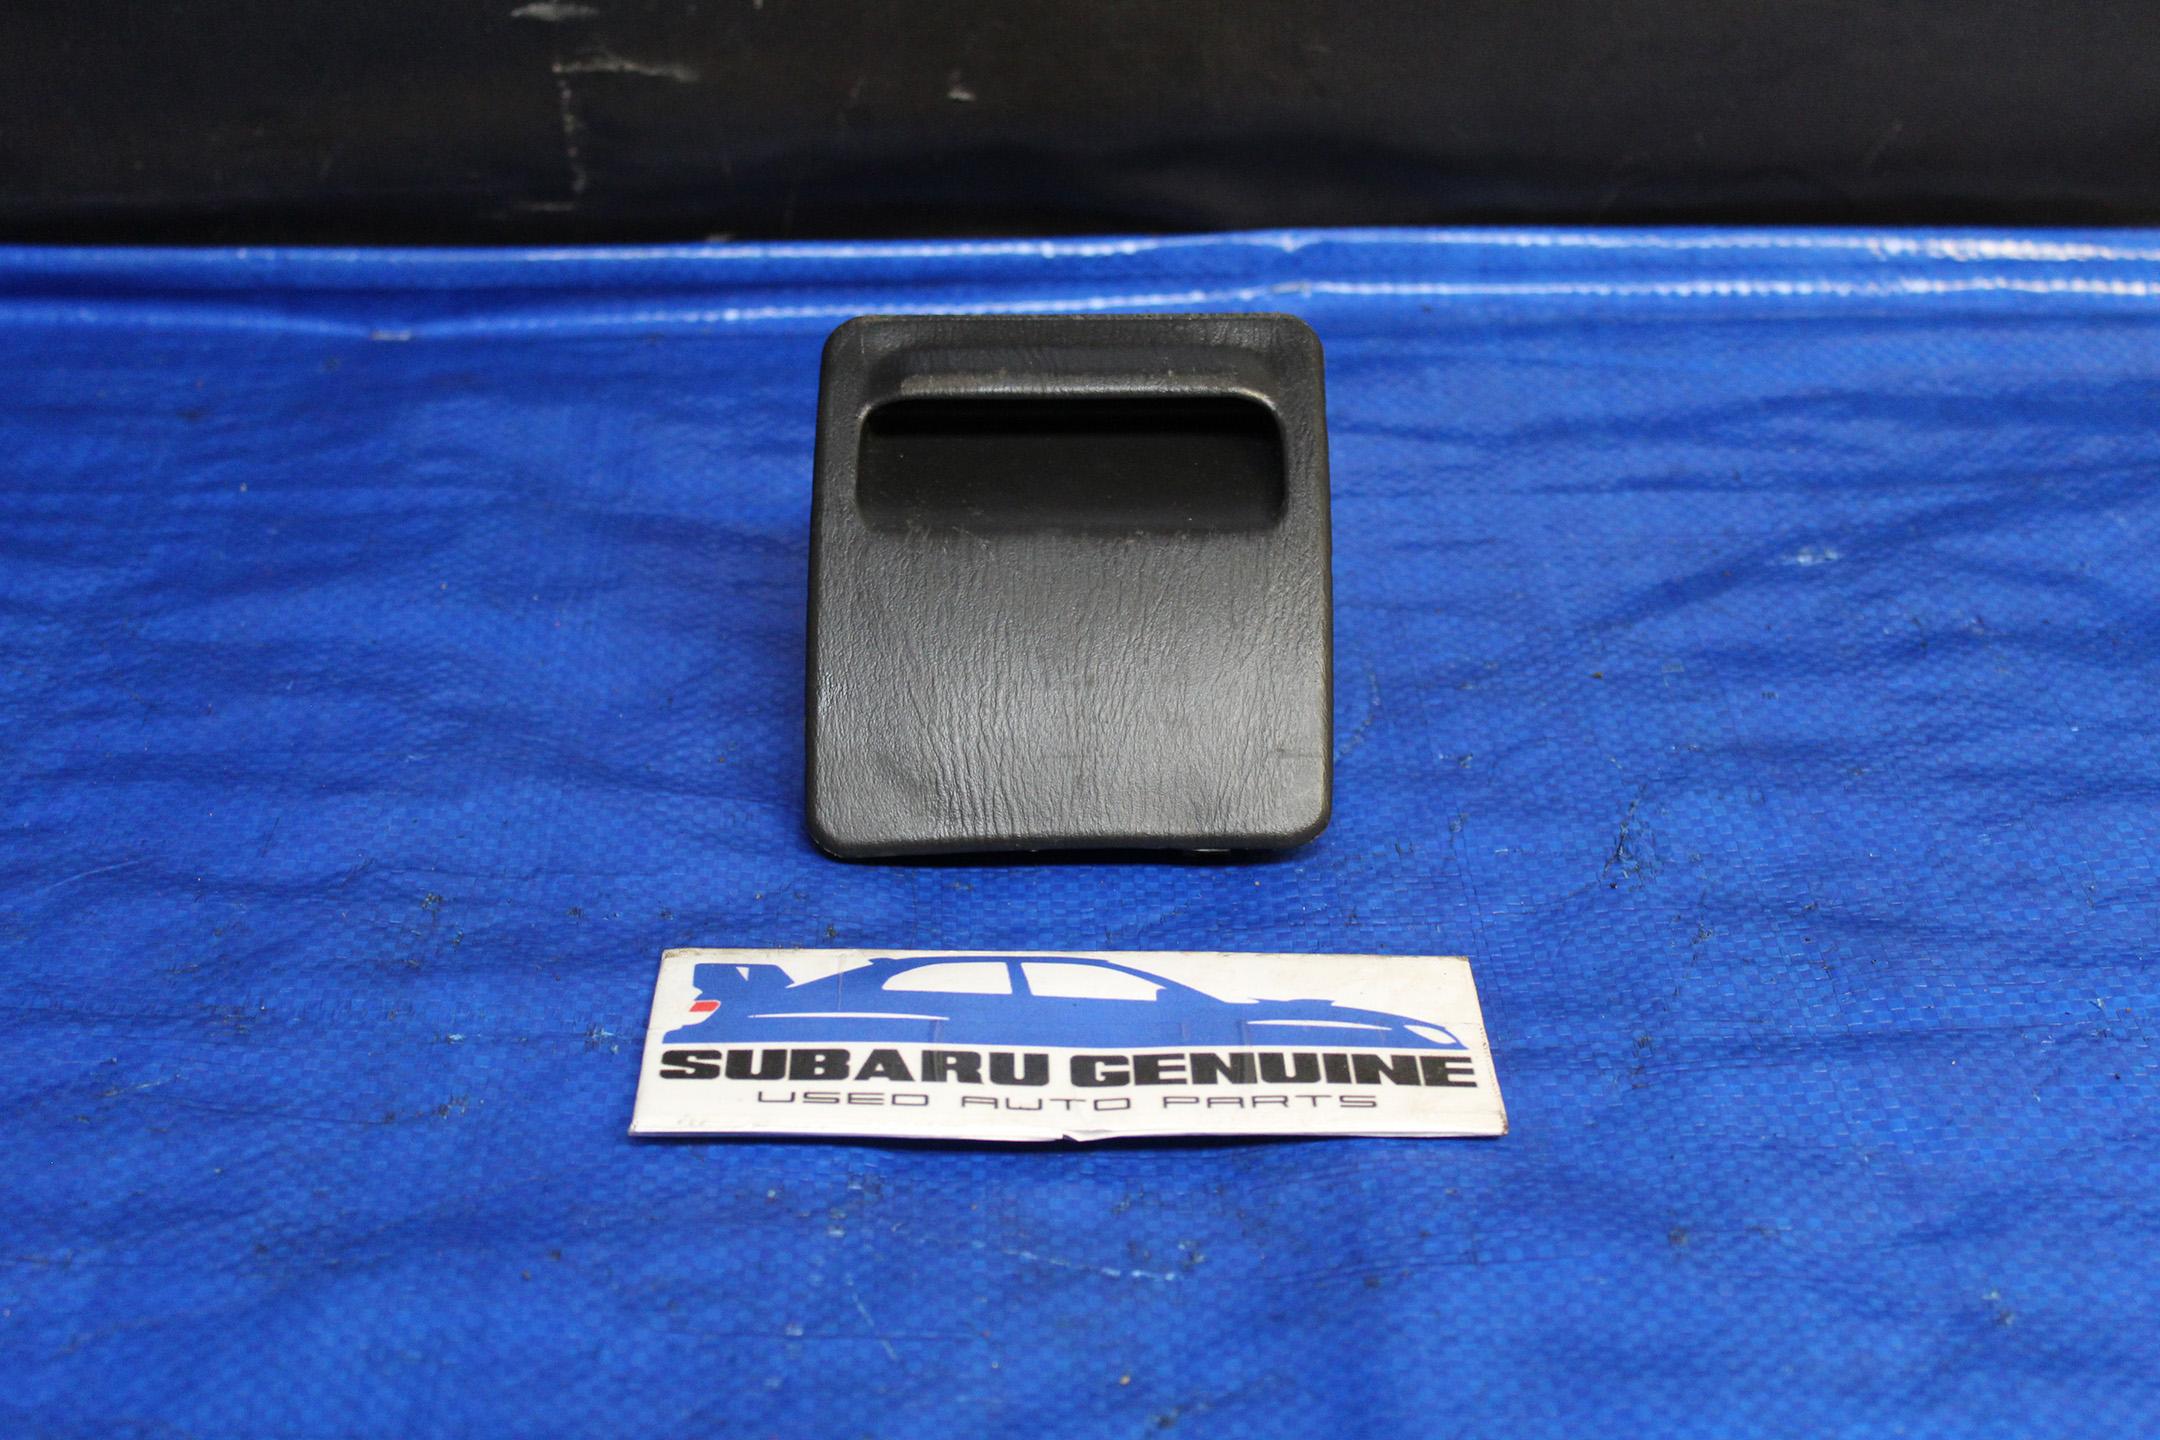 1995 Subaru Impreza Jdm Fuse Box Diagram